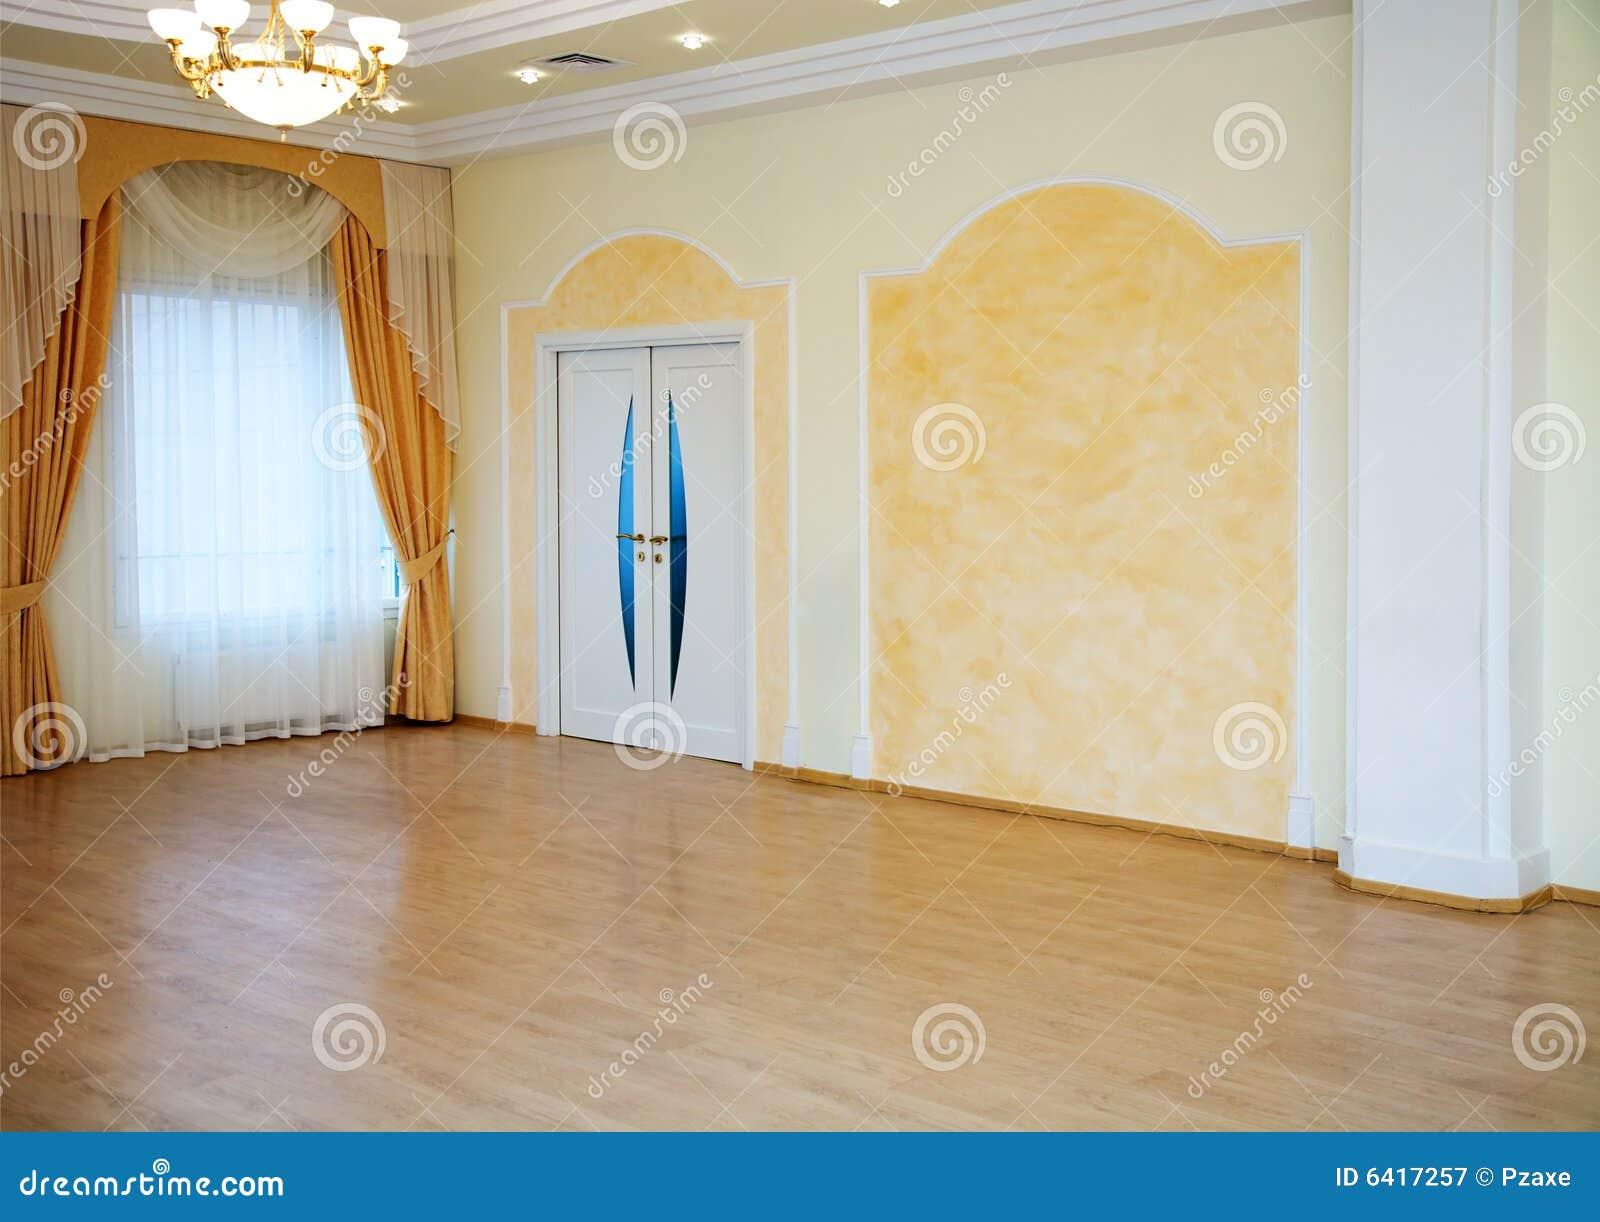 Fußboden Braun Buffel ~ Gelber raum stockbild bild von pflaster fußboden dekor